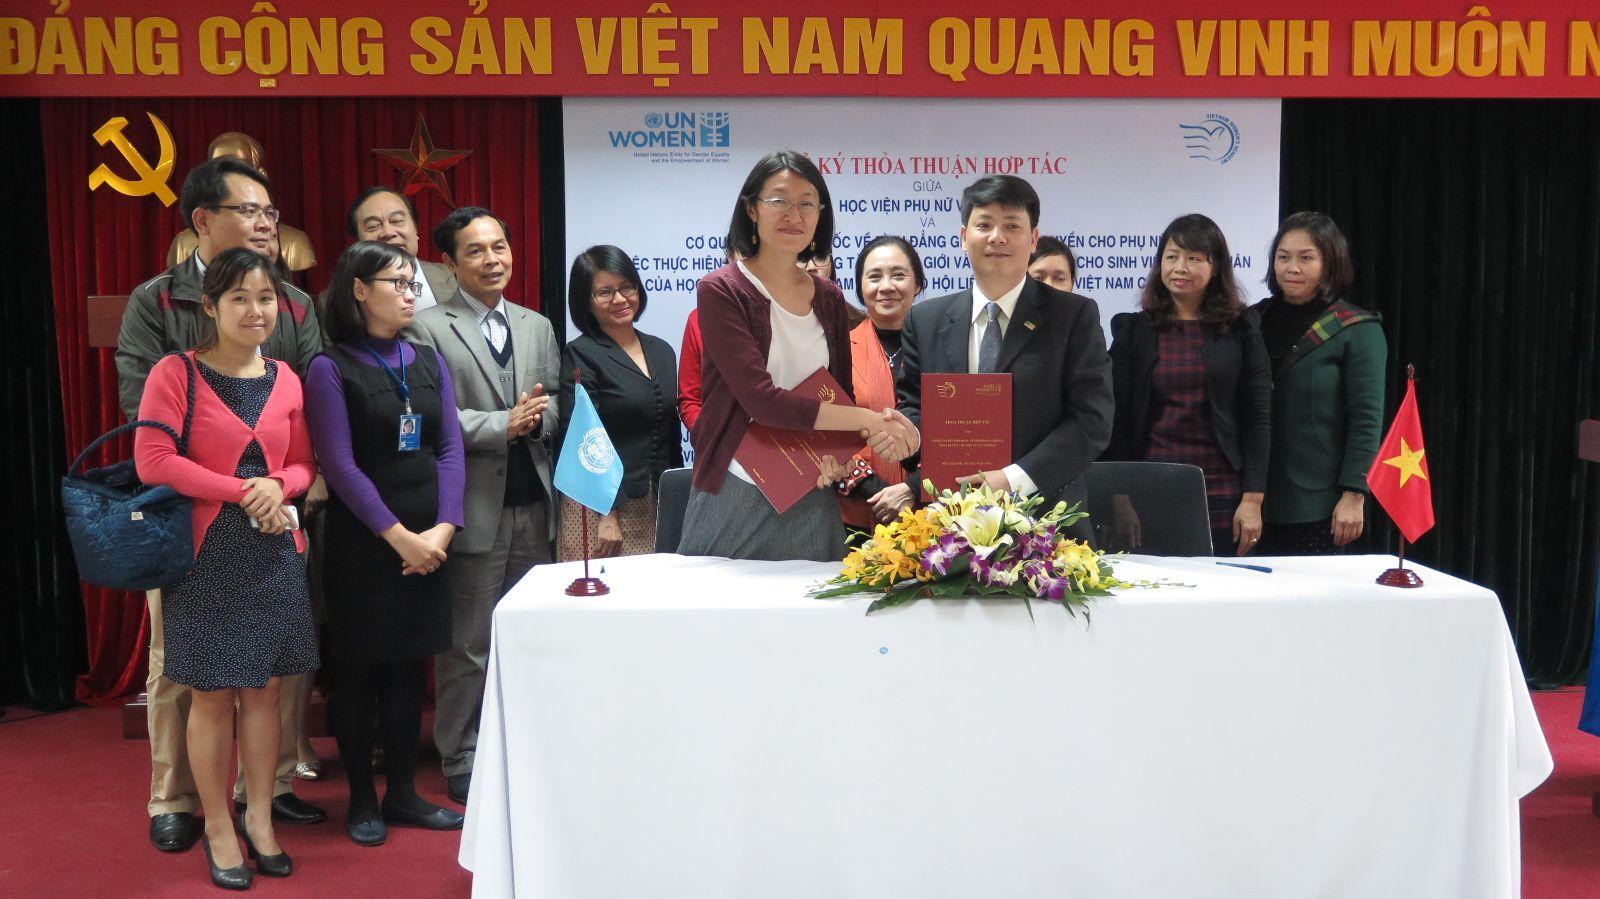 Lễ lễ ký kết thỏa thuận hợp tác giữa Học viện Phụ nữ Việt Nam và UN WOMEN